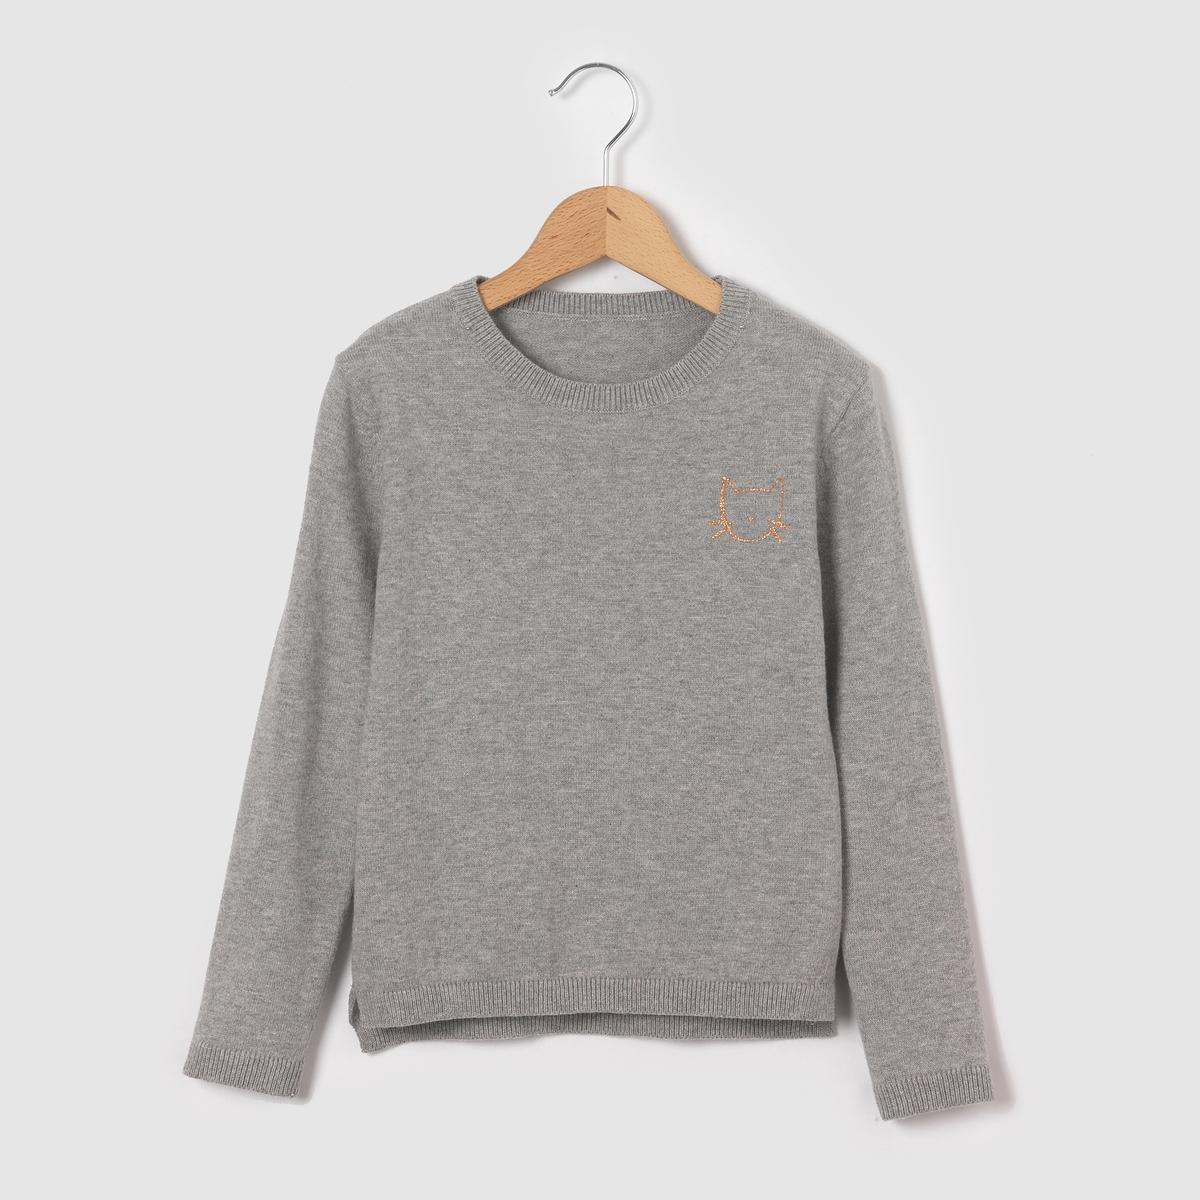 Пуловер теплый с принтом голова кота 3-12 лет